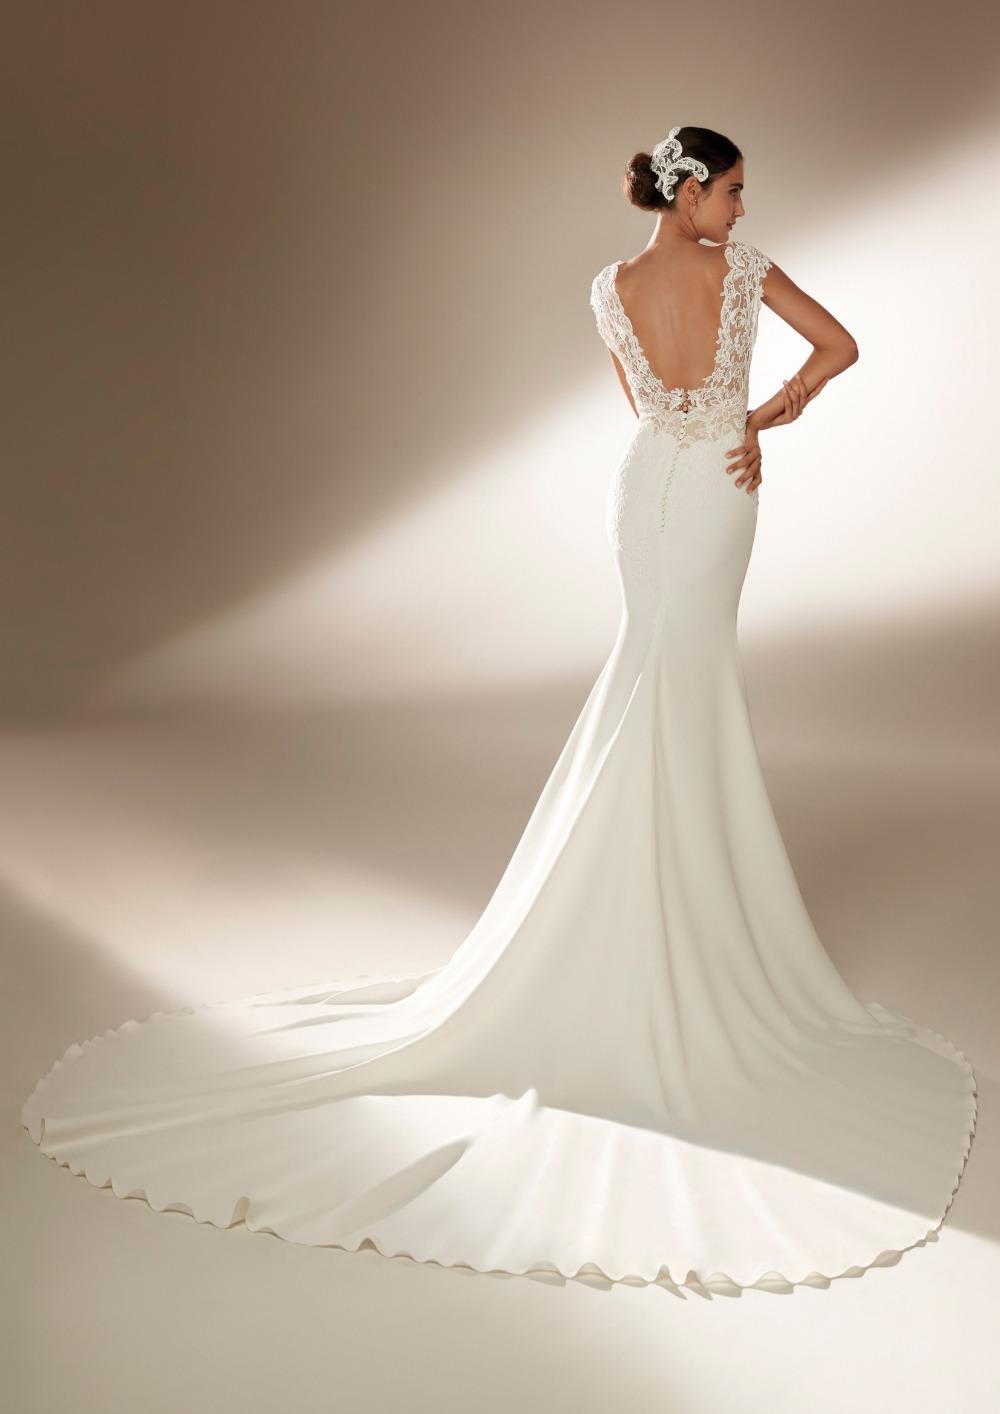 Atelier Pronovias * Svadobné šaty z kolekcie na 2021 - Obrázok č. 6